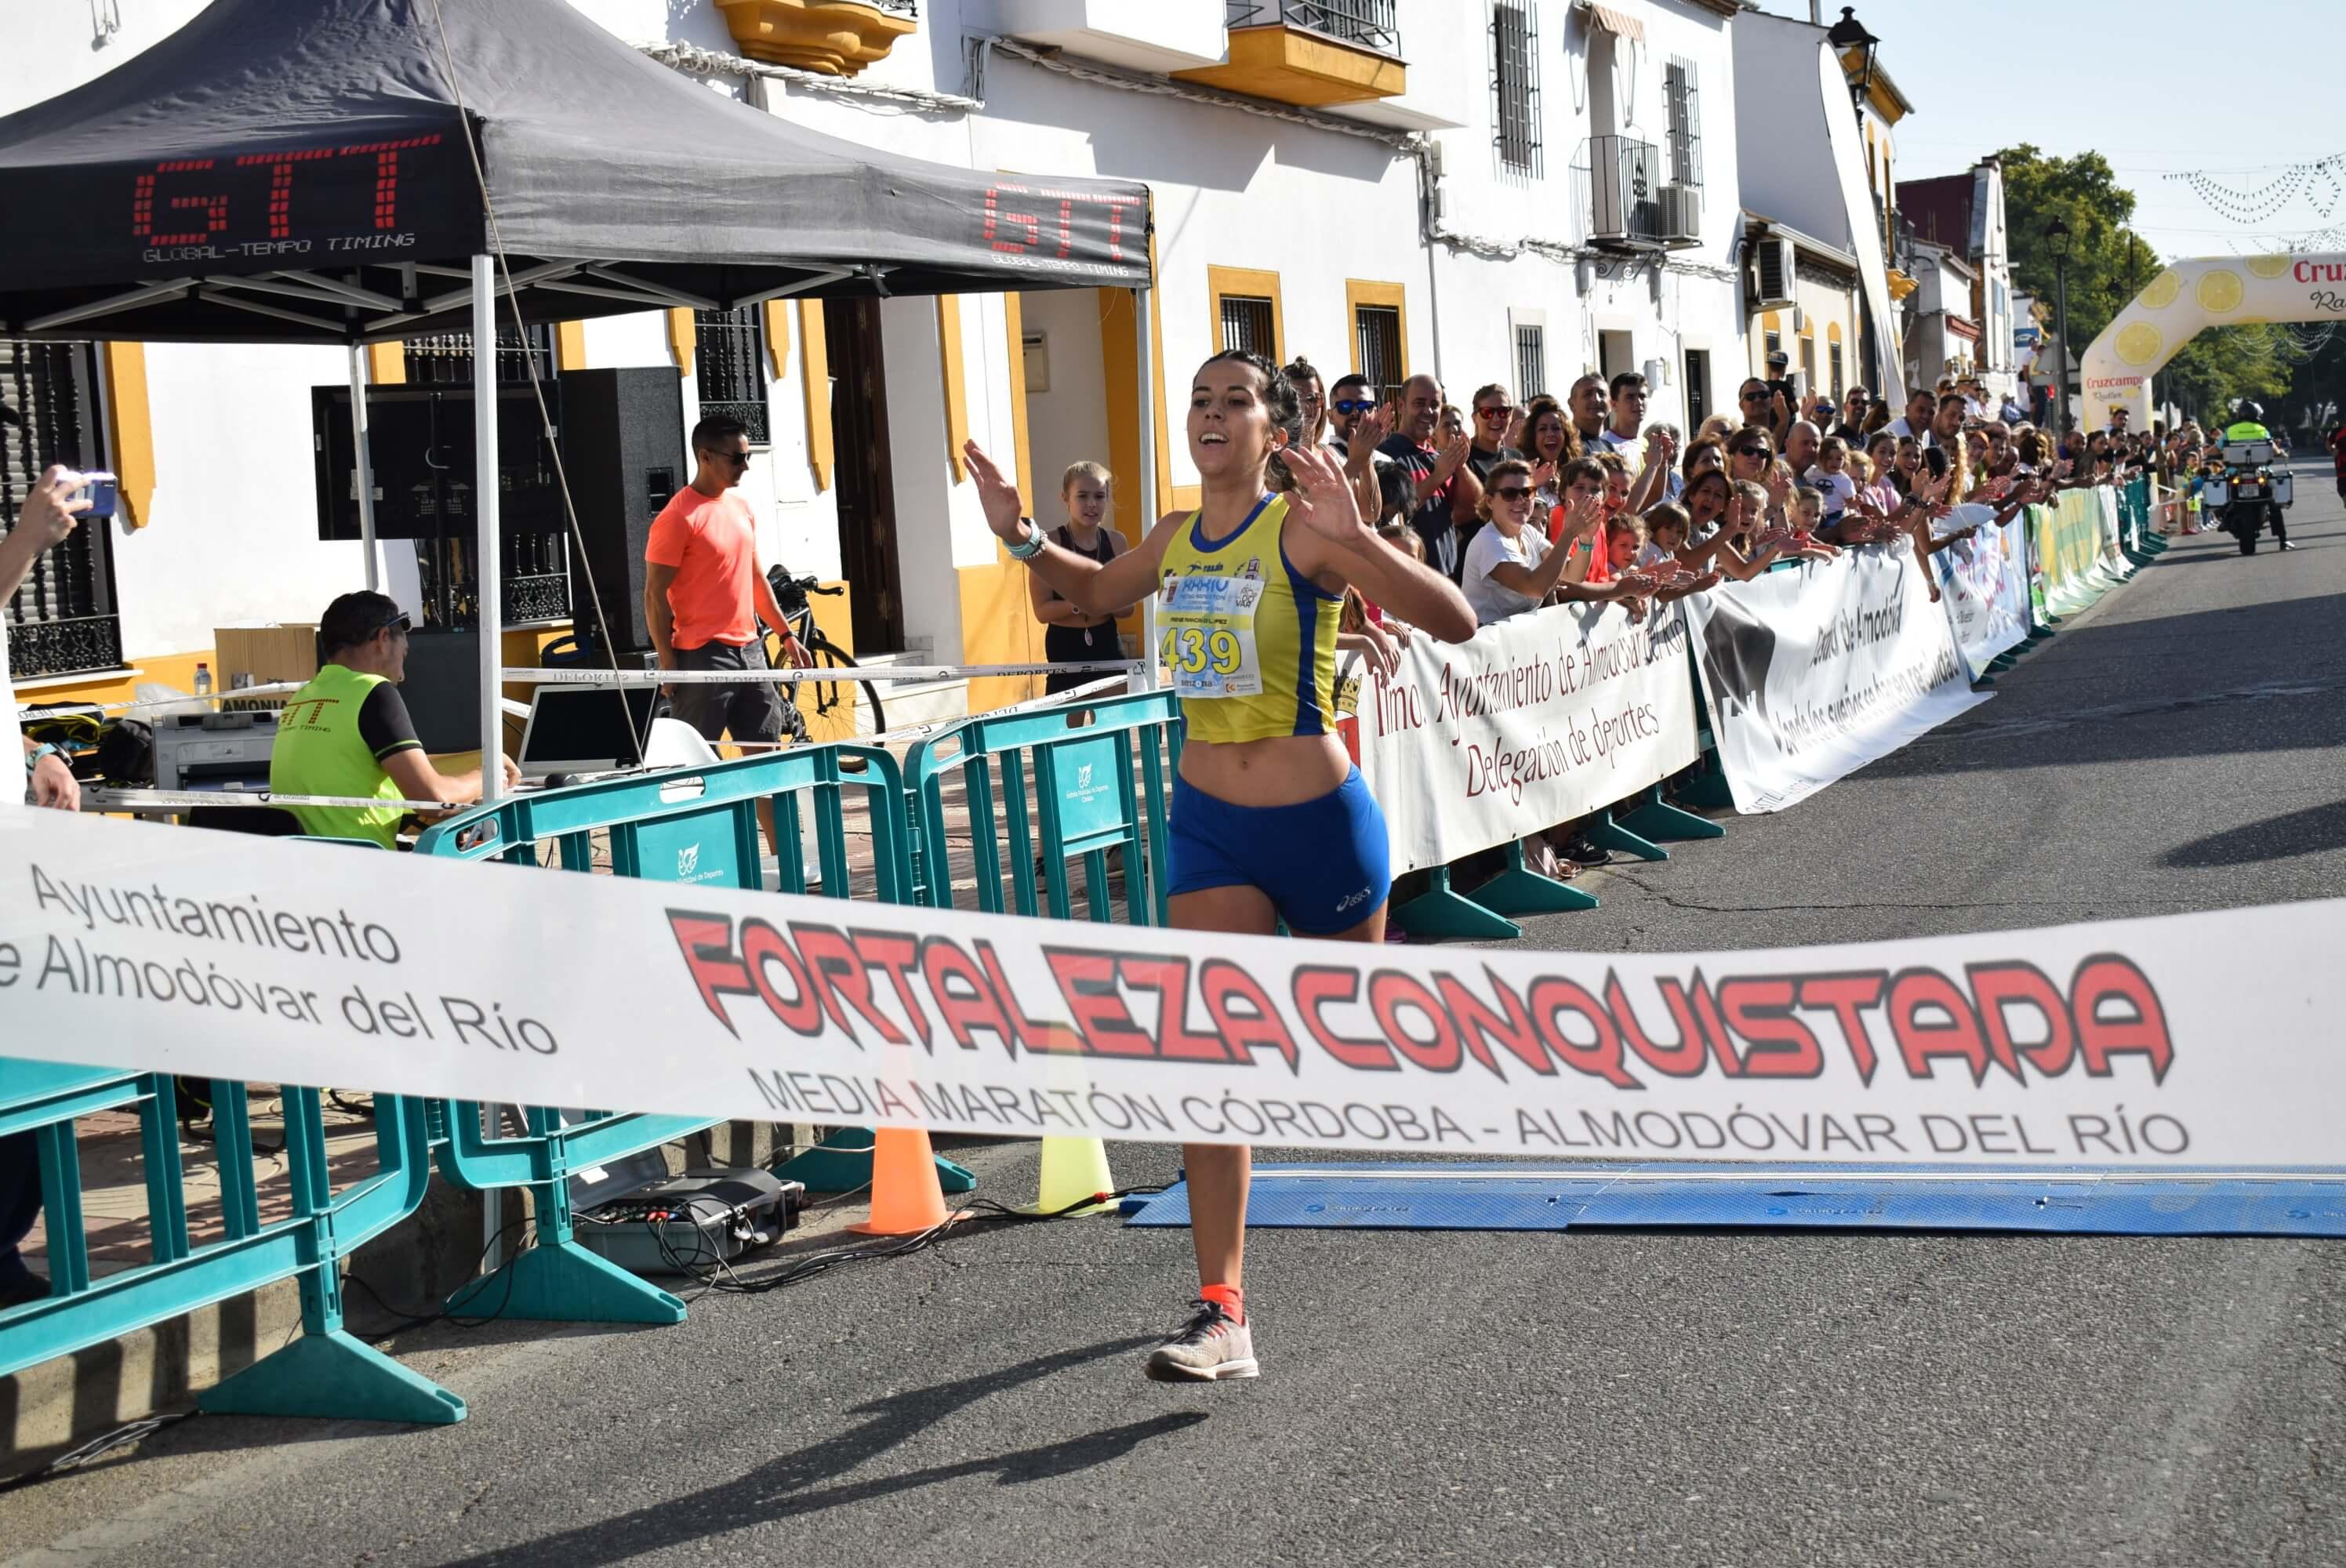 XXXV Media Maratón Córdoba Almodovar del Río